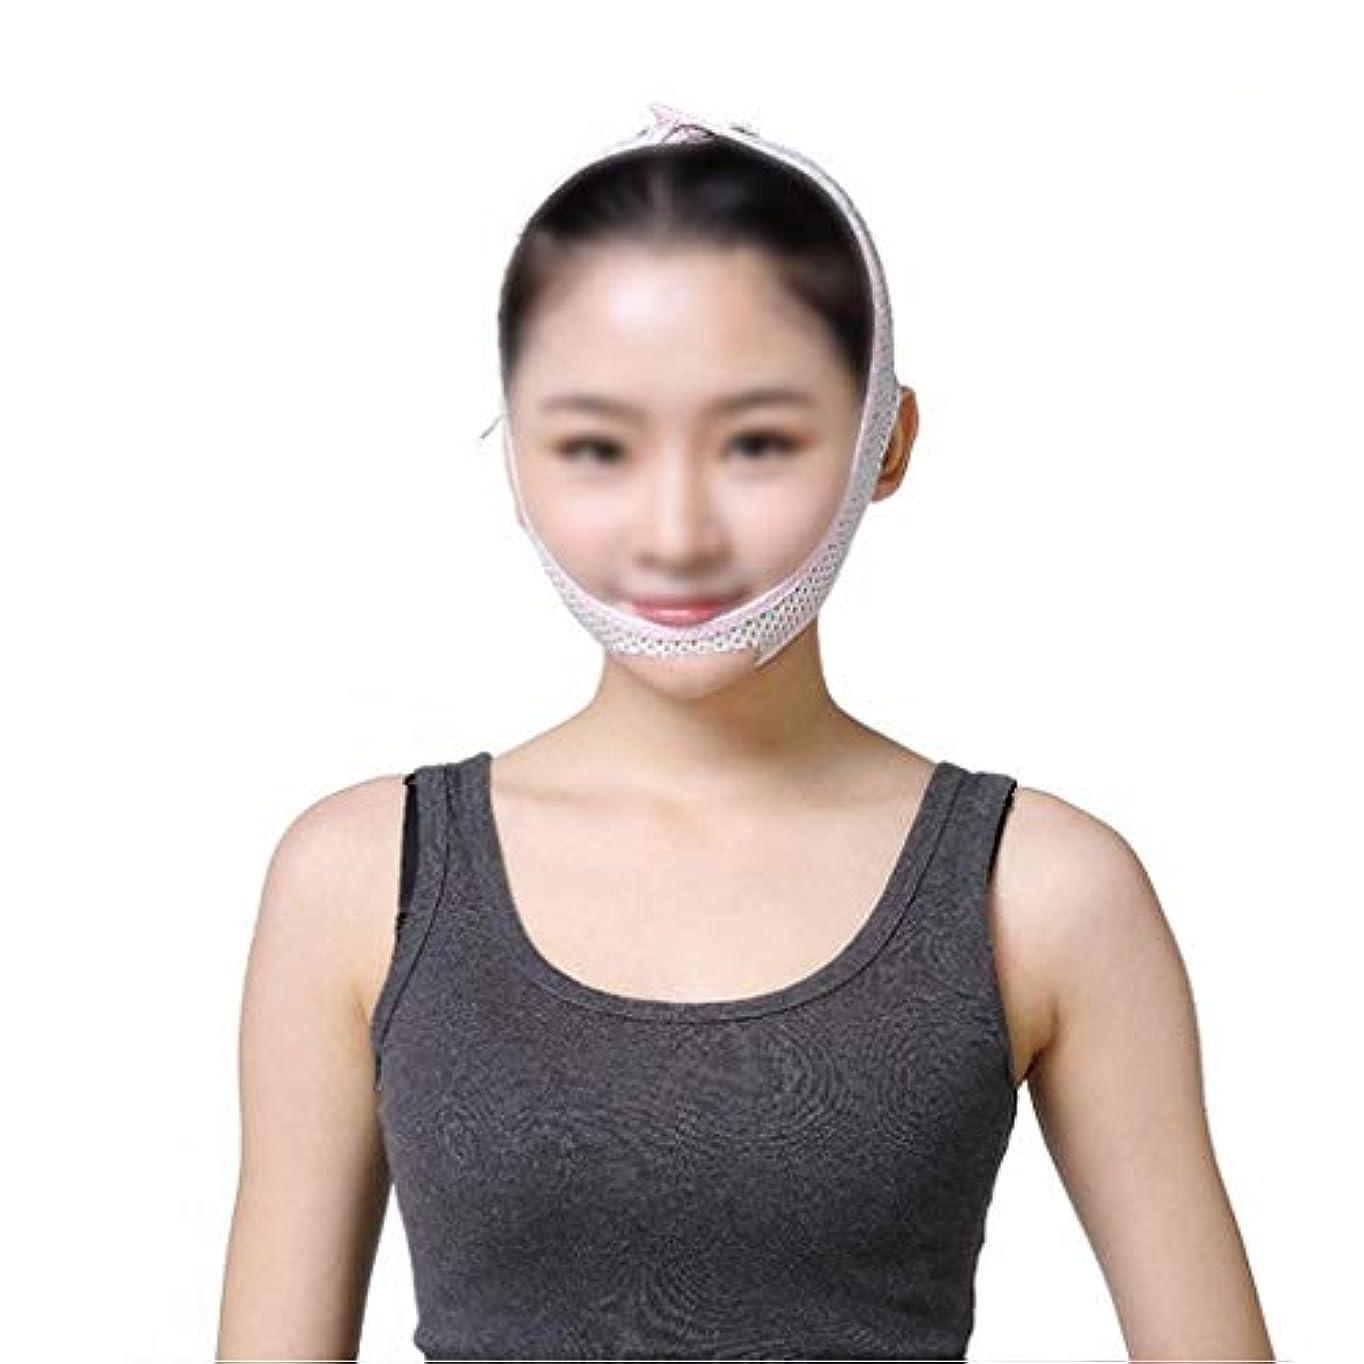 増強するウィザード直径フェイスリフティングマスク、快適で リフティングスキンファーミングスリープシンフェイスアーティファクトアンチリンクル/リムーブダブルチン/術後回復マスク(サイズ:L)